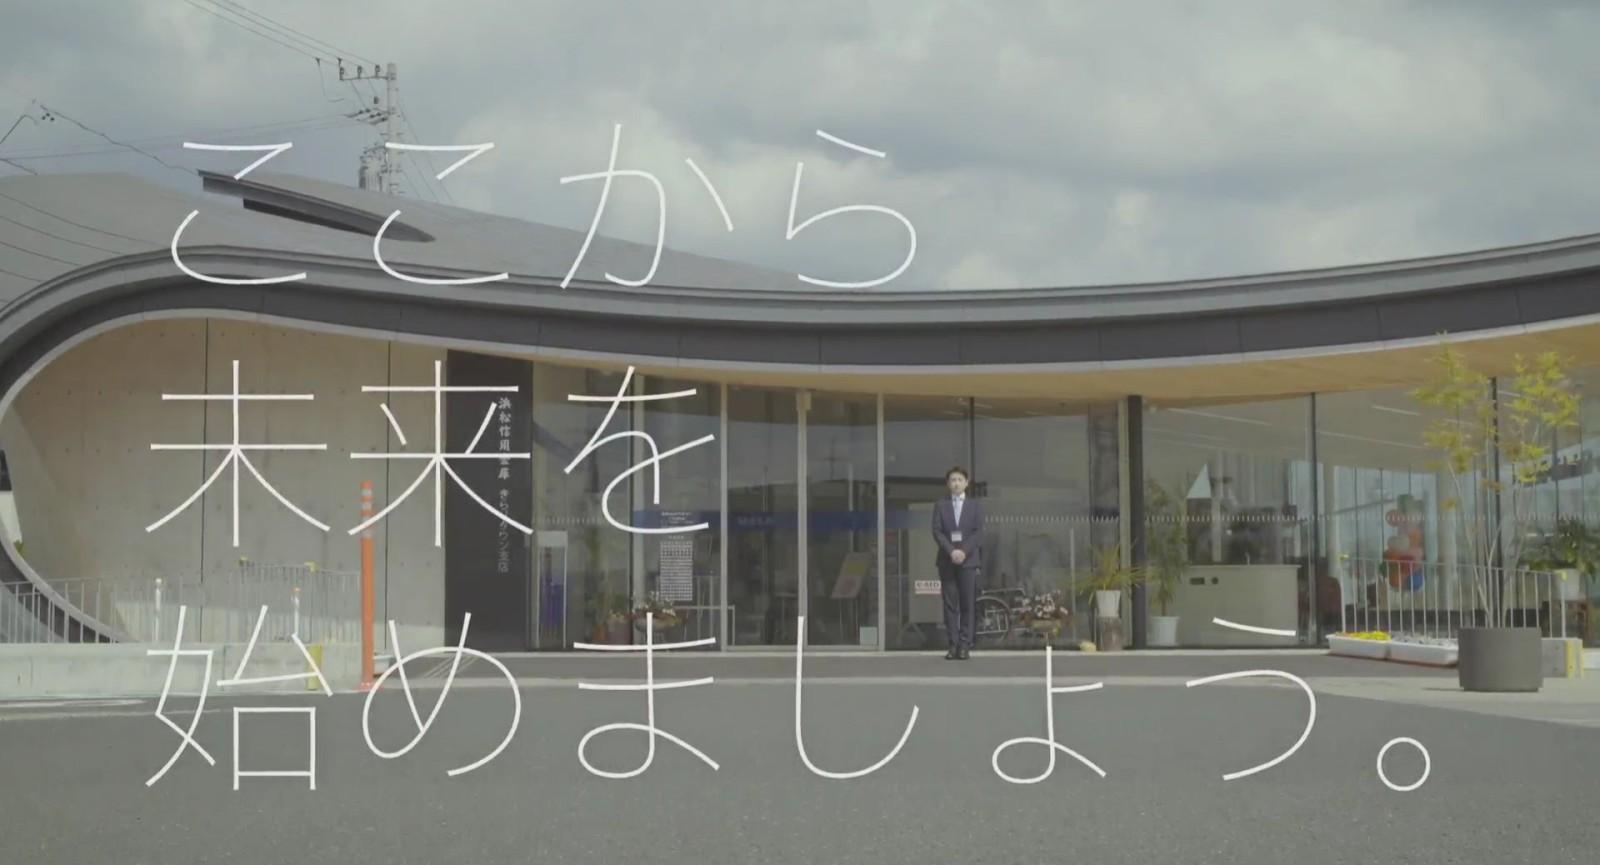 浜松信用金庫CM「ここから未来を始めましょう。」「地域に必要な存在でありたい」編